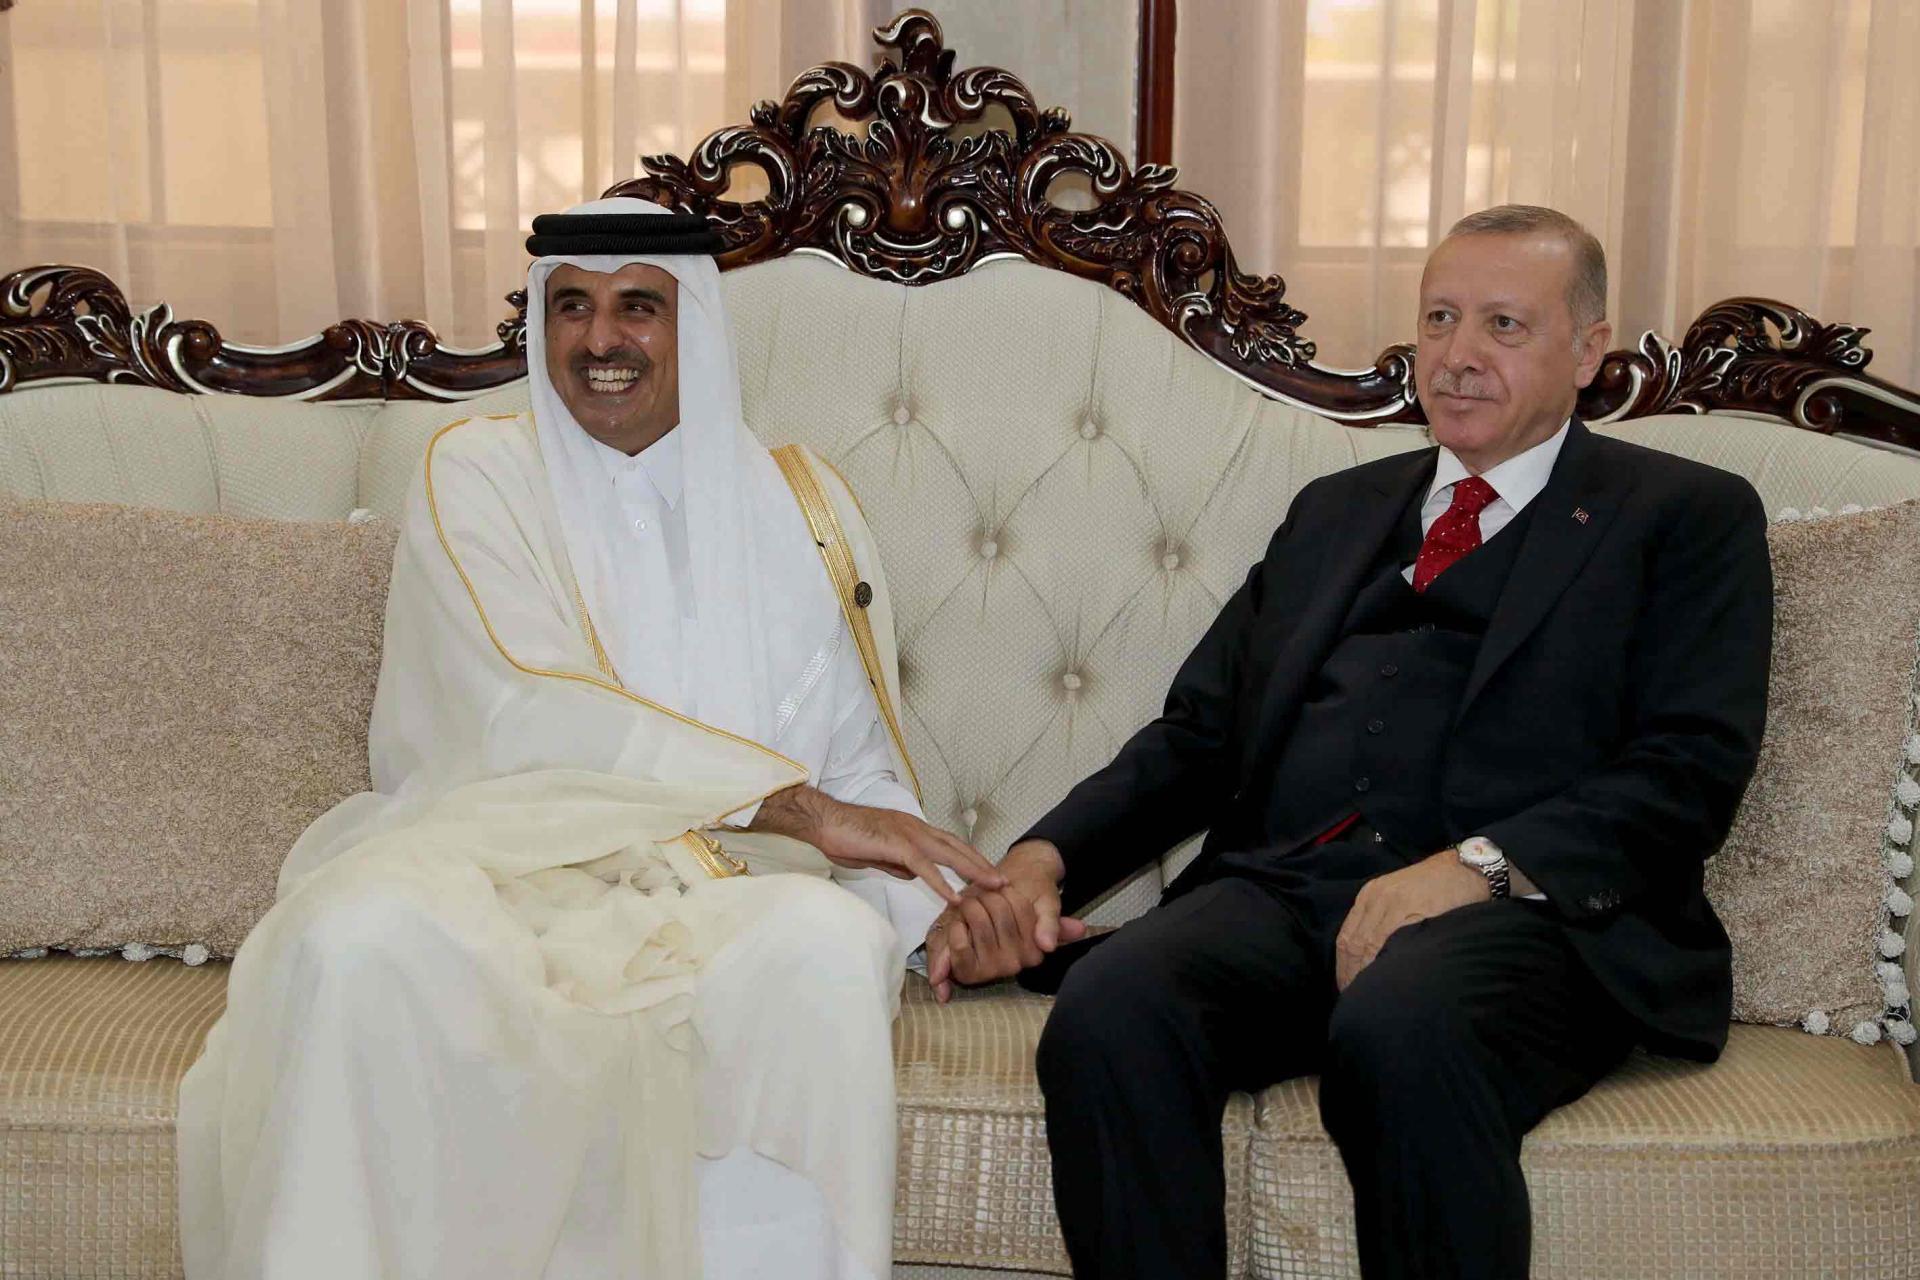 Katar fonları Türkiye'yi kuşatıyor. Doha, egemen fonu yararına Ankara'nın imkanlarını satın aldı. Doha'nın parası sadece Türkiye ekonomisi için bir can simidi değil, aynı zamanda Ankara'nın ekonomisini çevreleyen ve yeteneklerini kontrol eden boğucu bir halka haline geldi. Katar Yatırım Otoritesi ve egemen fonu, Doha'nın fonları, özellikle ekonomik krizin ışığında, tüm Türk ekonomik yönlerine girinceye kadar Türkiye'ye para pompalamaya başladı. Ankara'nın son dönemde yaşadığı ancak mesele, Katar'ın fonlarının kontrolündeki Türk ekonomisinin kaderini tehdit eden ve ardından egemenliğini de tehdit eden bir felakete dönüştü, böylece Türkiye, ekonomik gerilemenin çekici ile Katar'ın iktisabının örsü arasında.